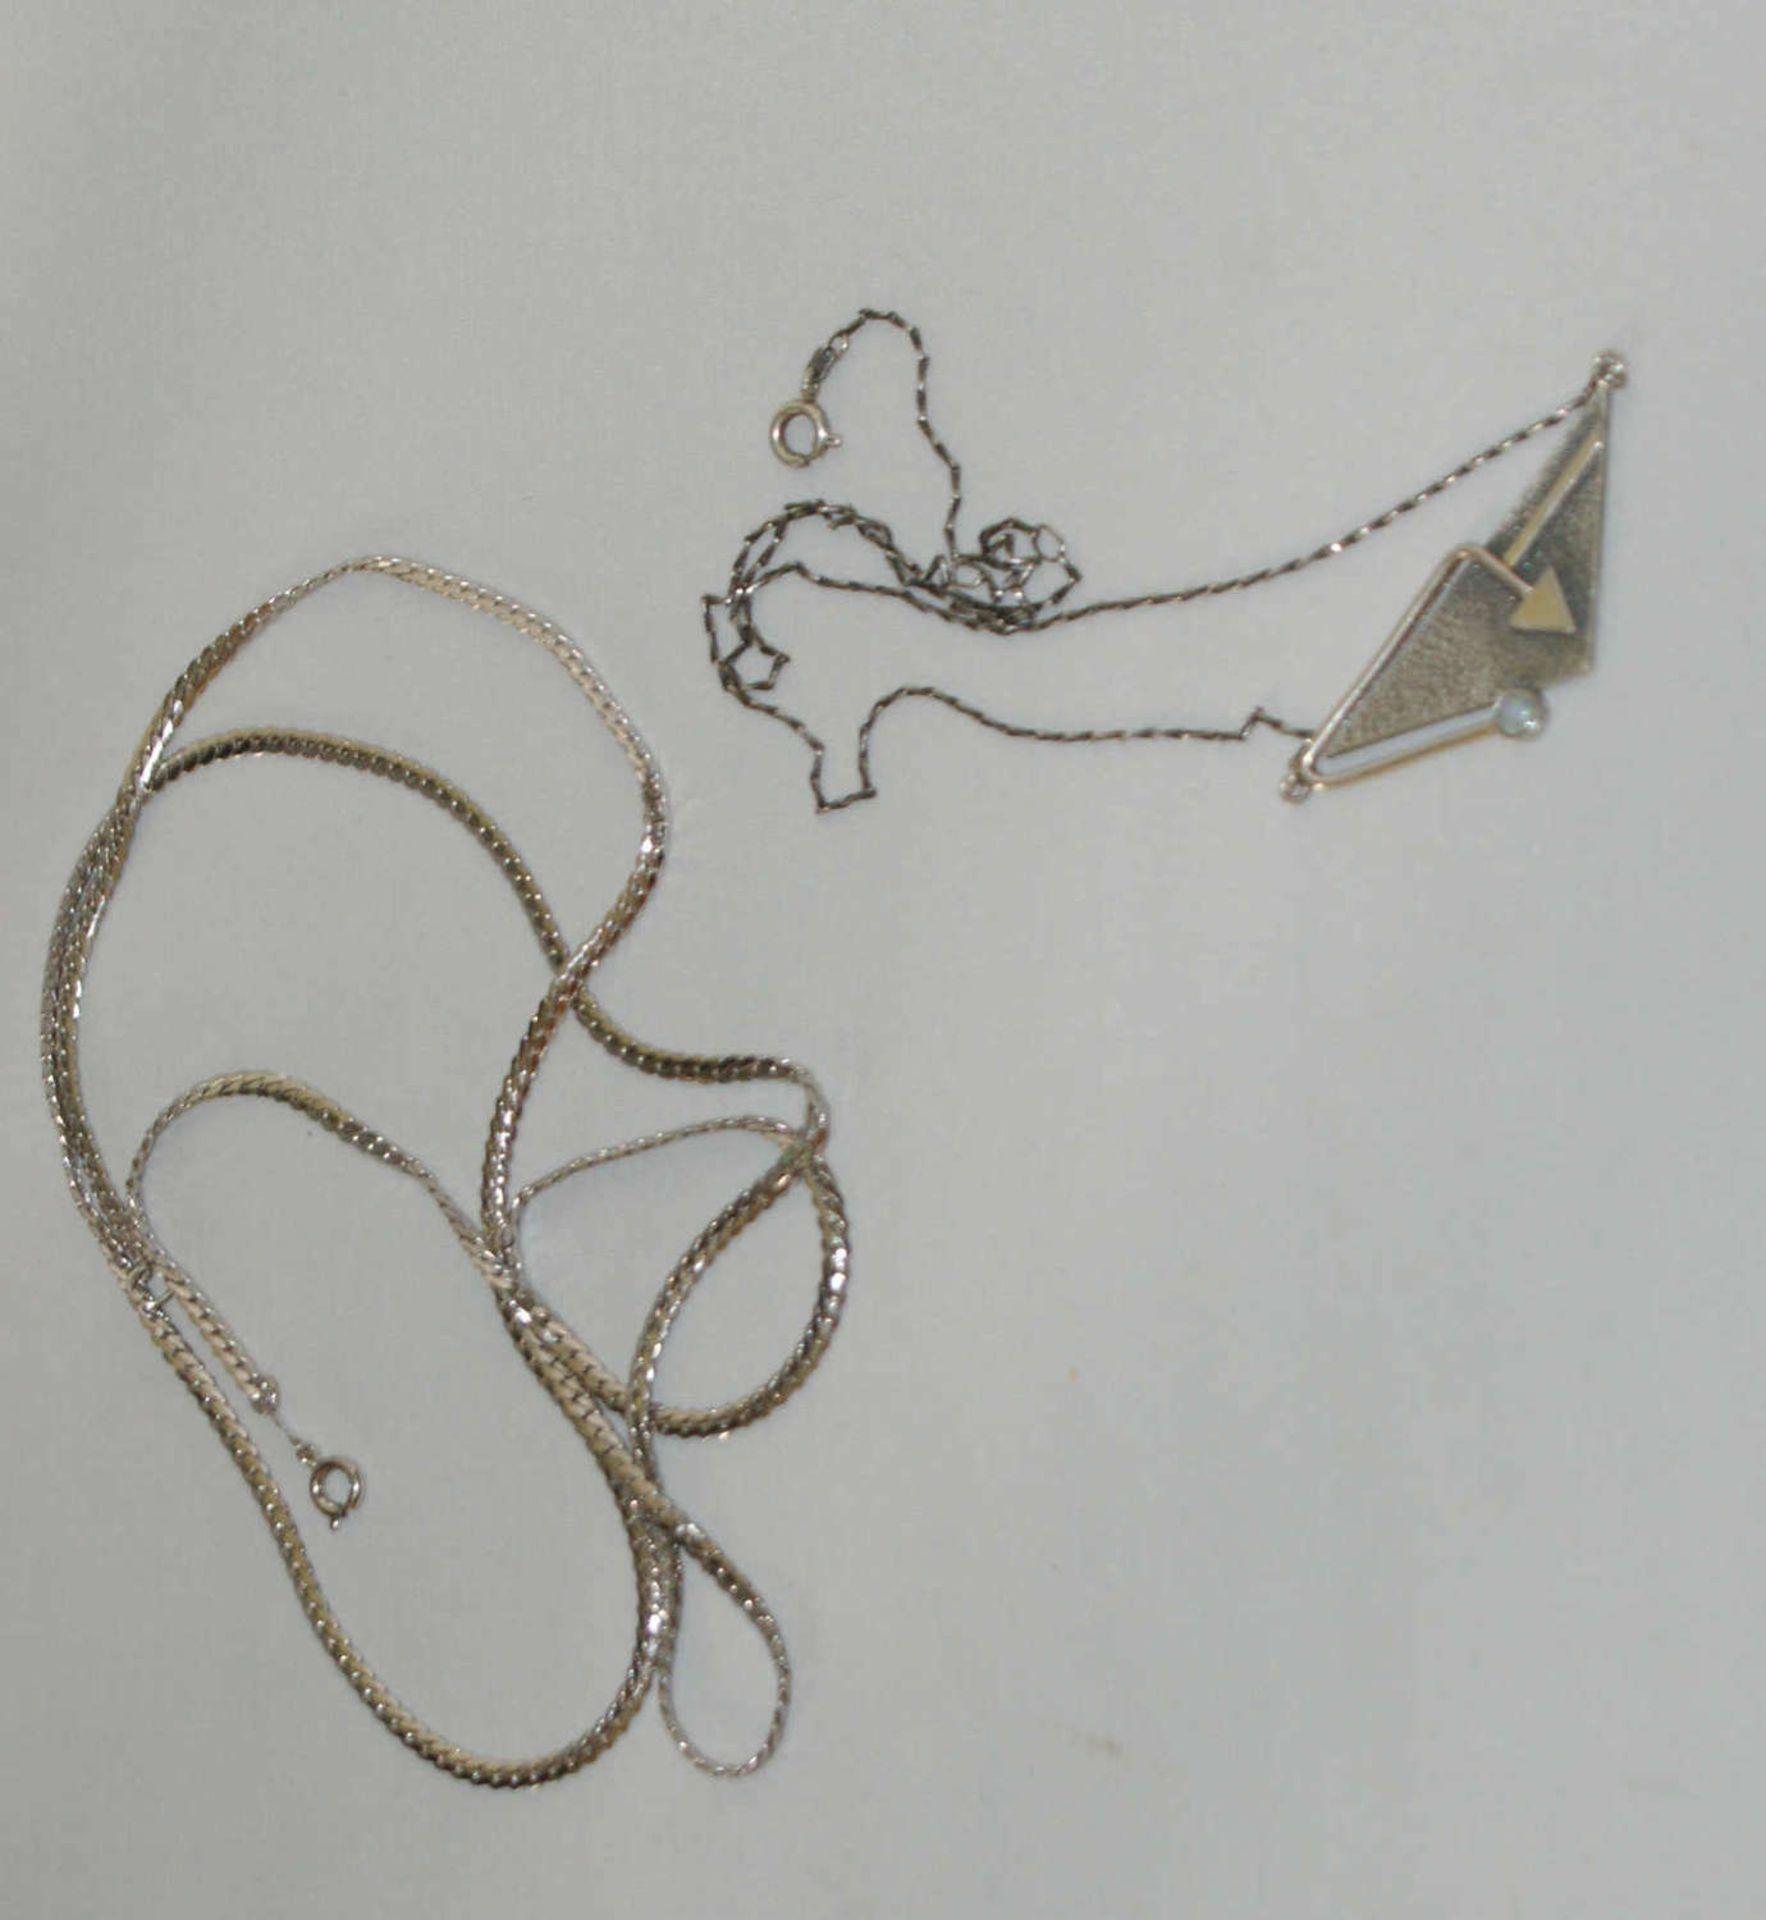 1 Silbercollier, Länge ca. 44 cm, sowie 1 Silberkette, Länge ca. 80 cm. Gewicht ca. 21 gr.